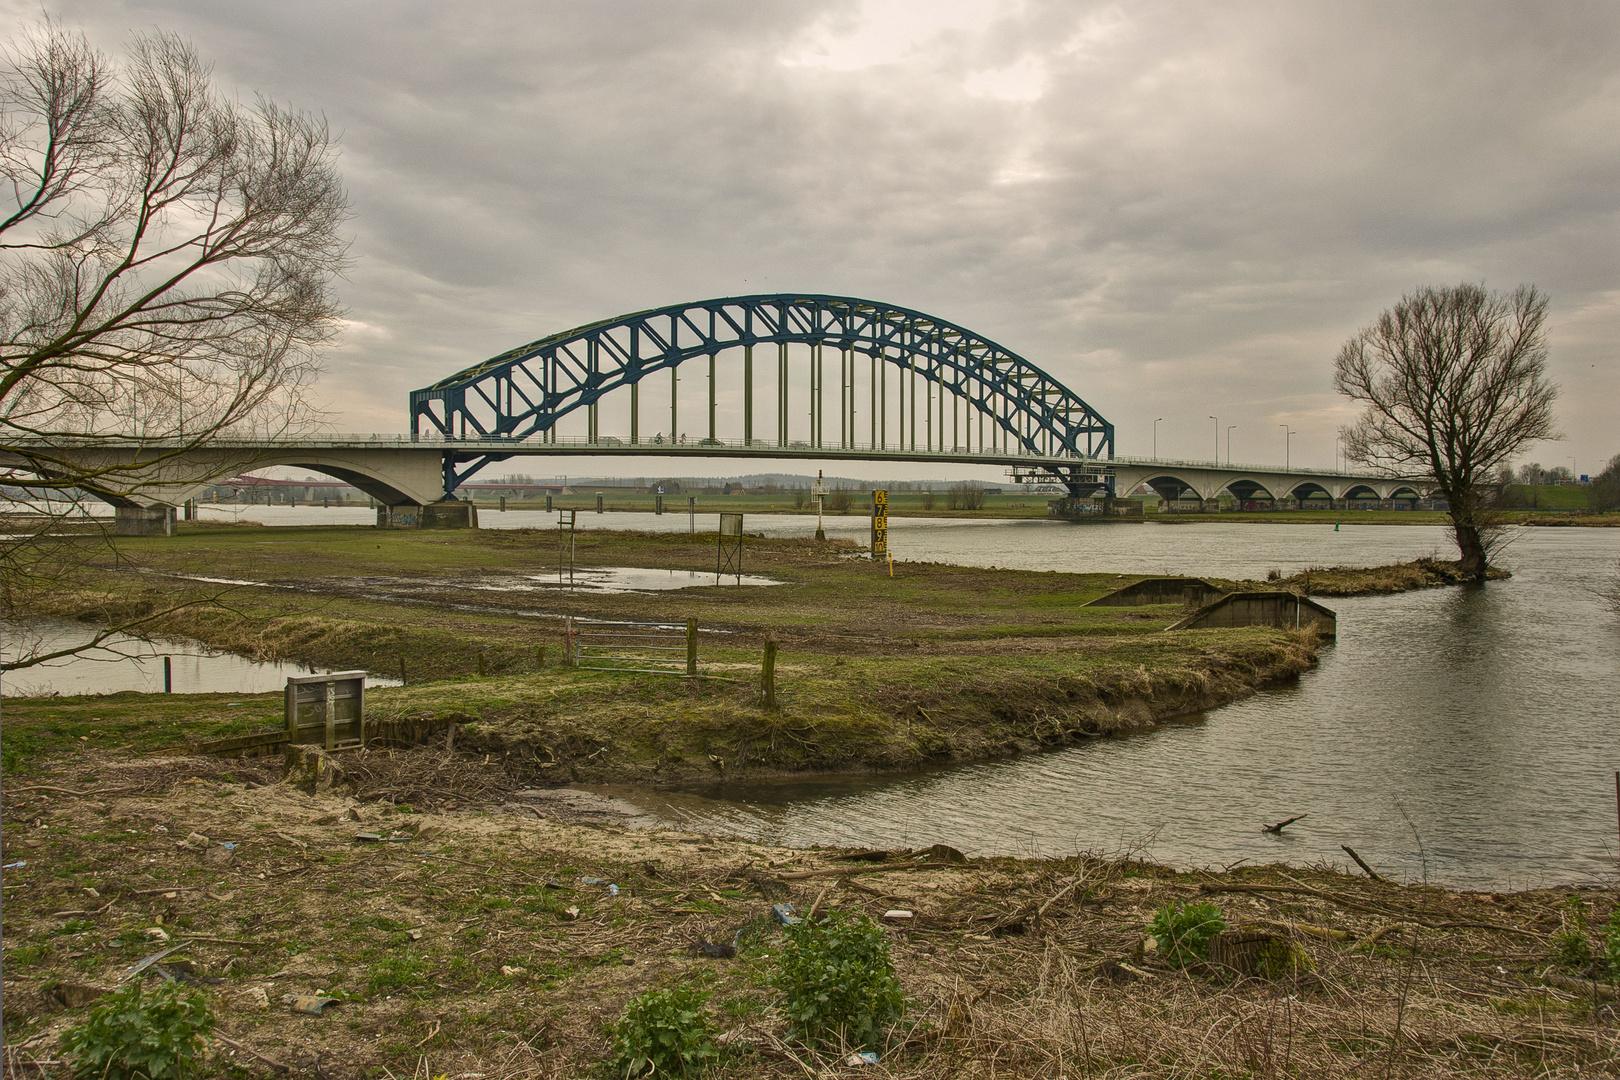 Zwolle - Ijsselbrug (Bridge over Ijssel River) - 01